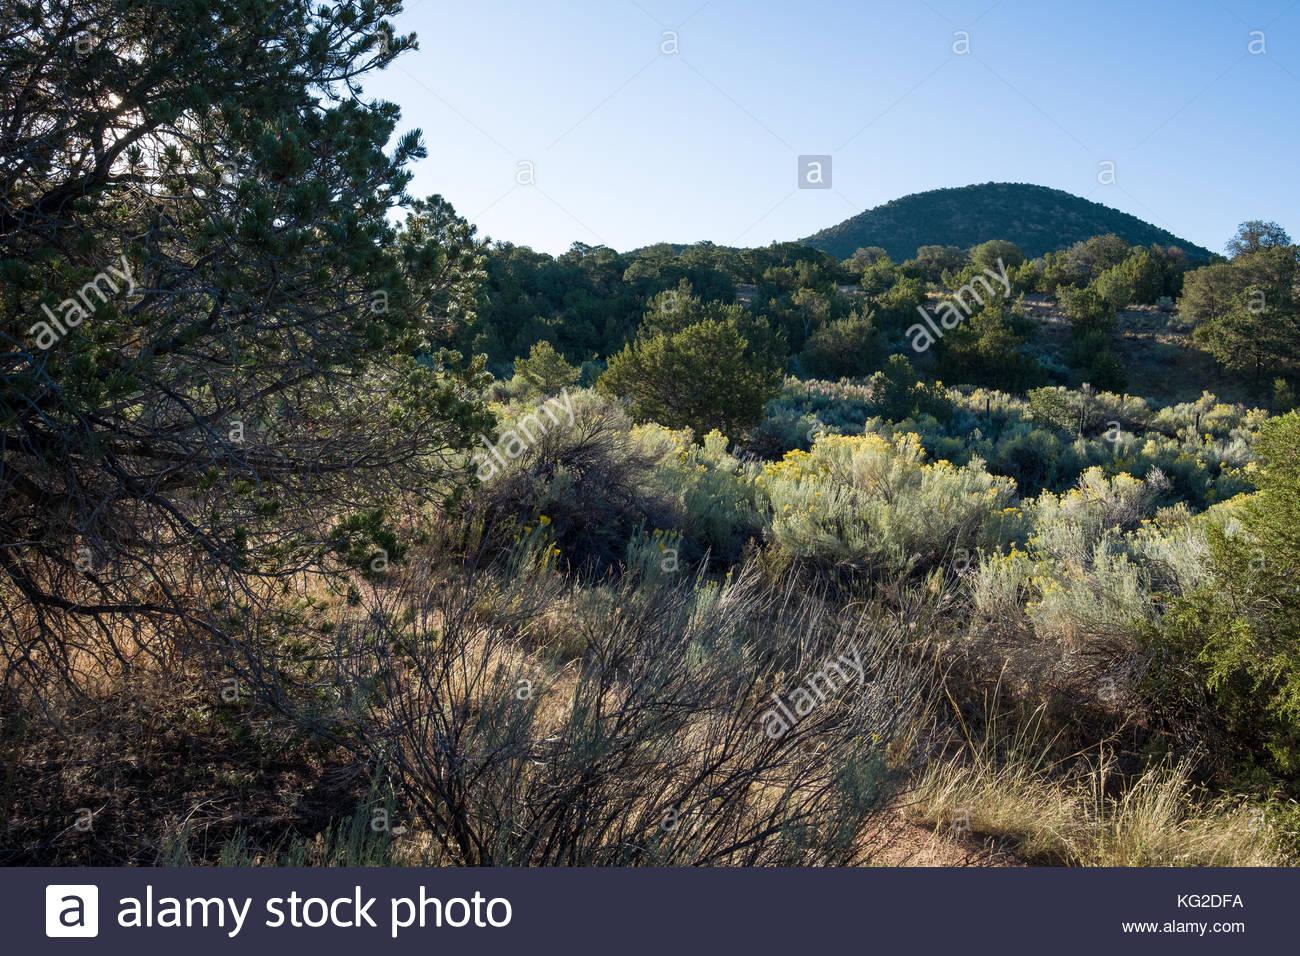 Arroyo with Rabbitbrush and pines, Santa Fe, Santa Fe County, New Mexico, USA - Stock Image